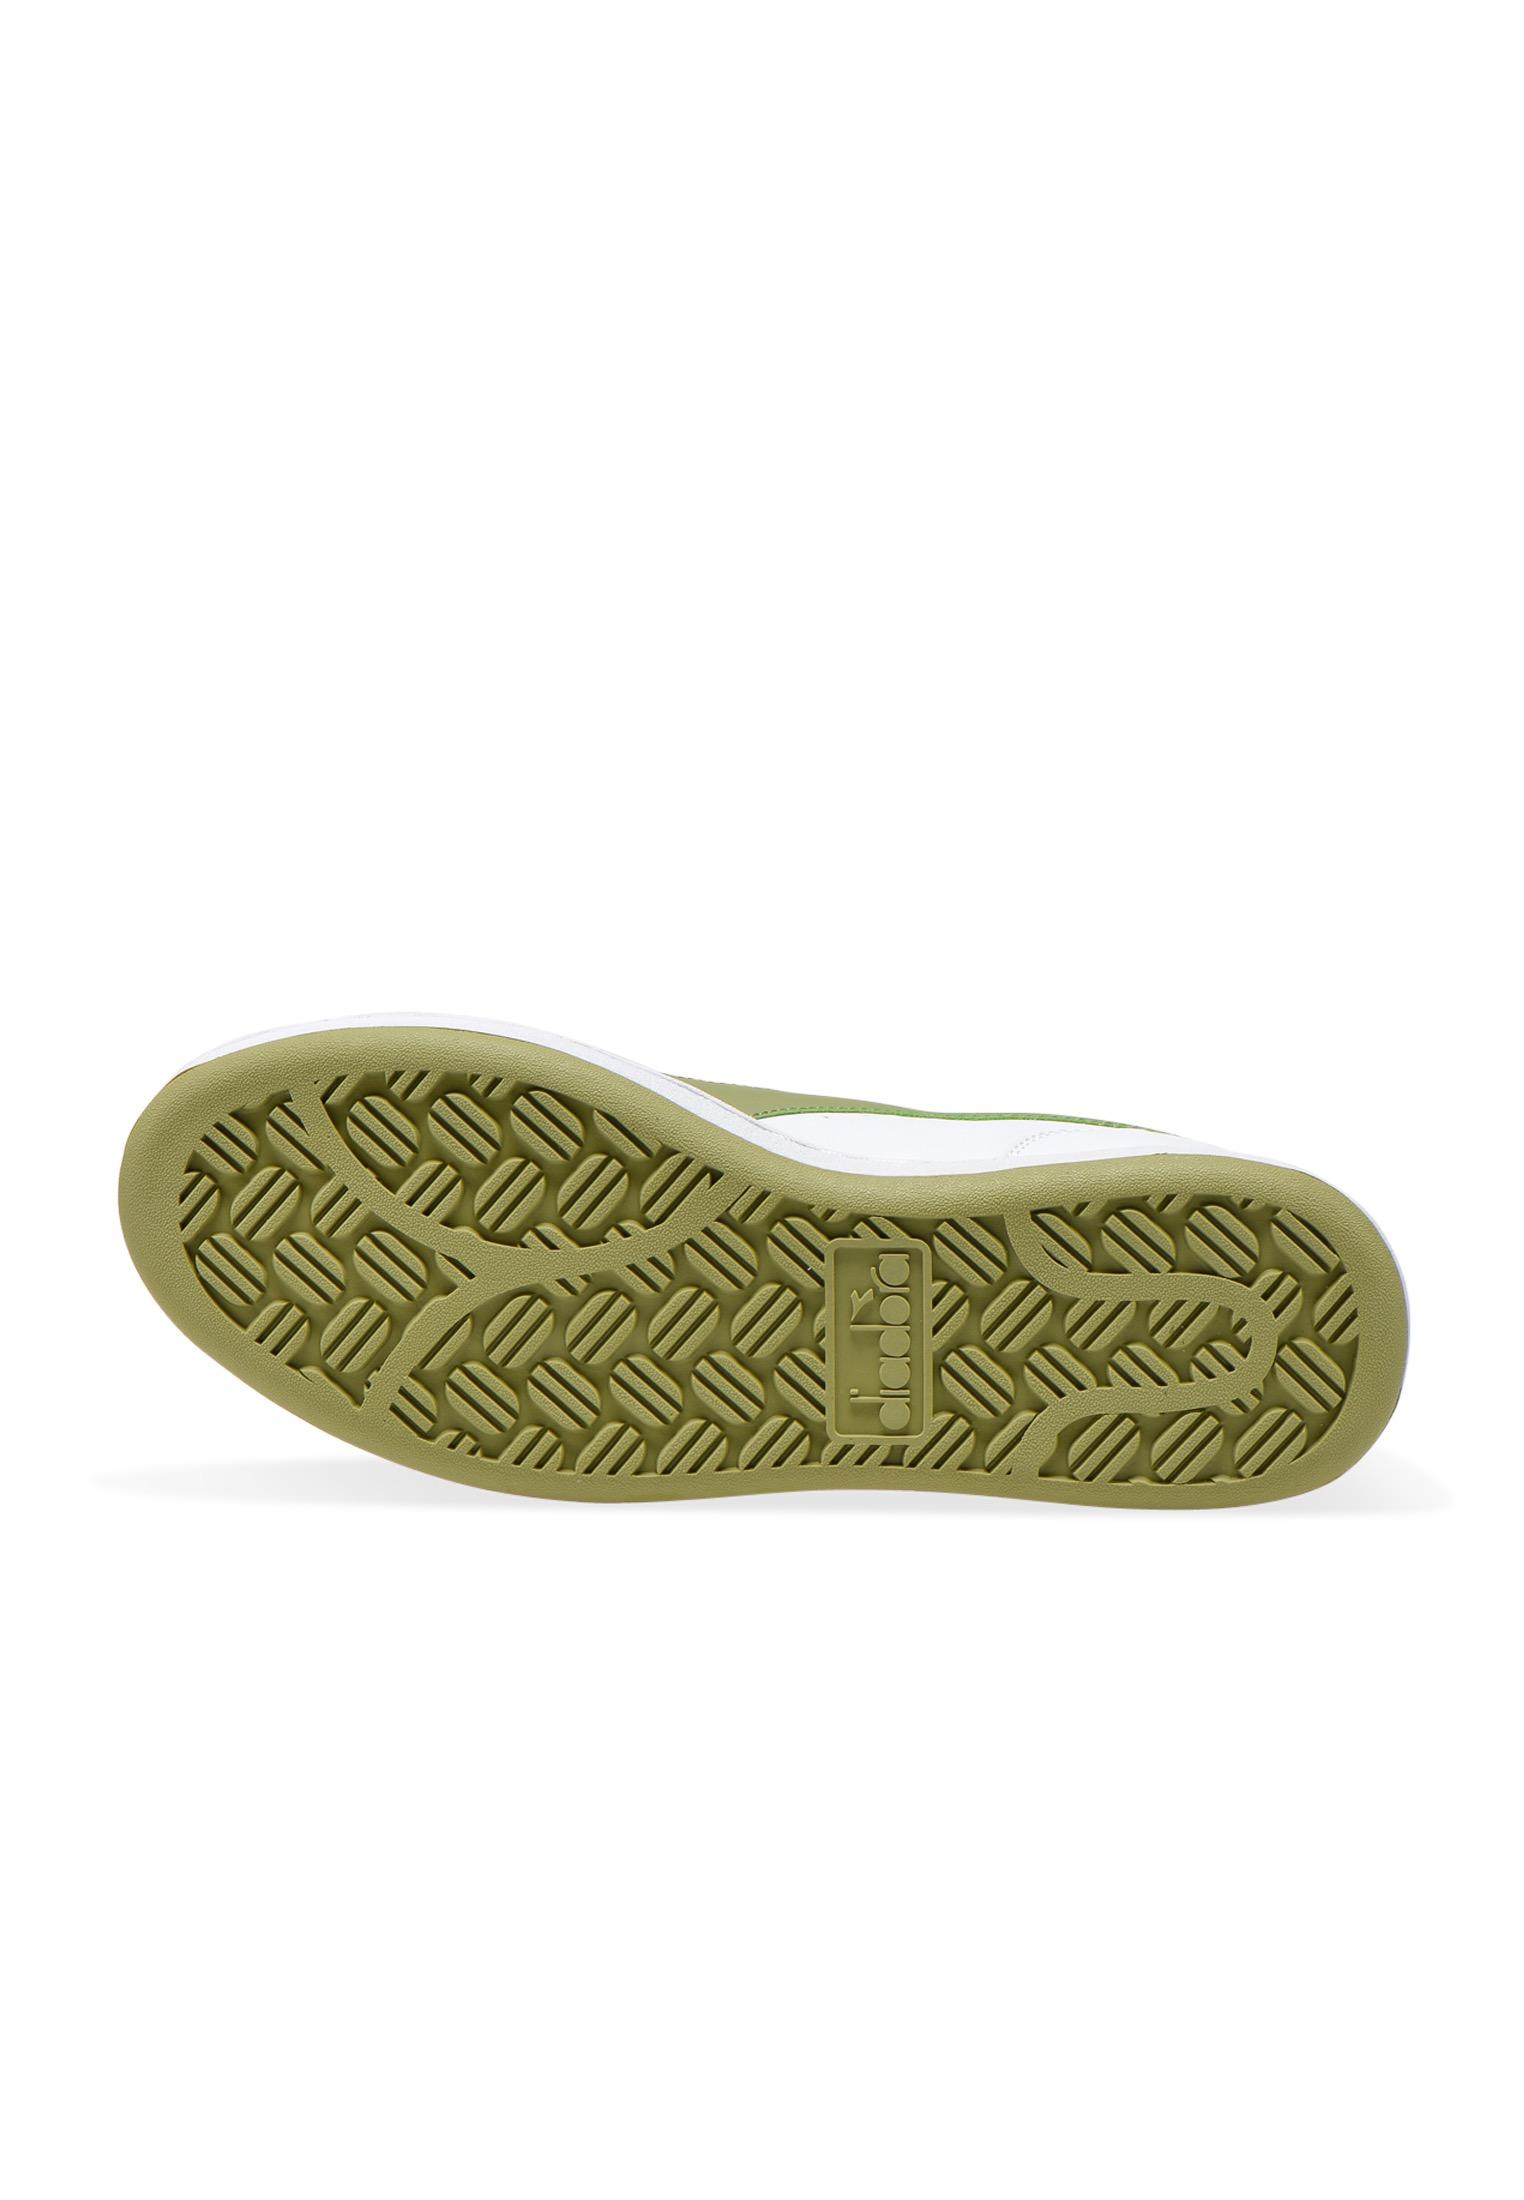 Scarpe-Diadora-Playground-Sneakers-sportive-uomo-donna-vari-colori-piu-taglie miniatura 34